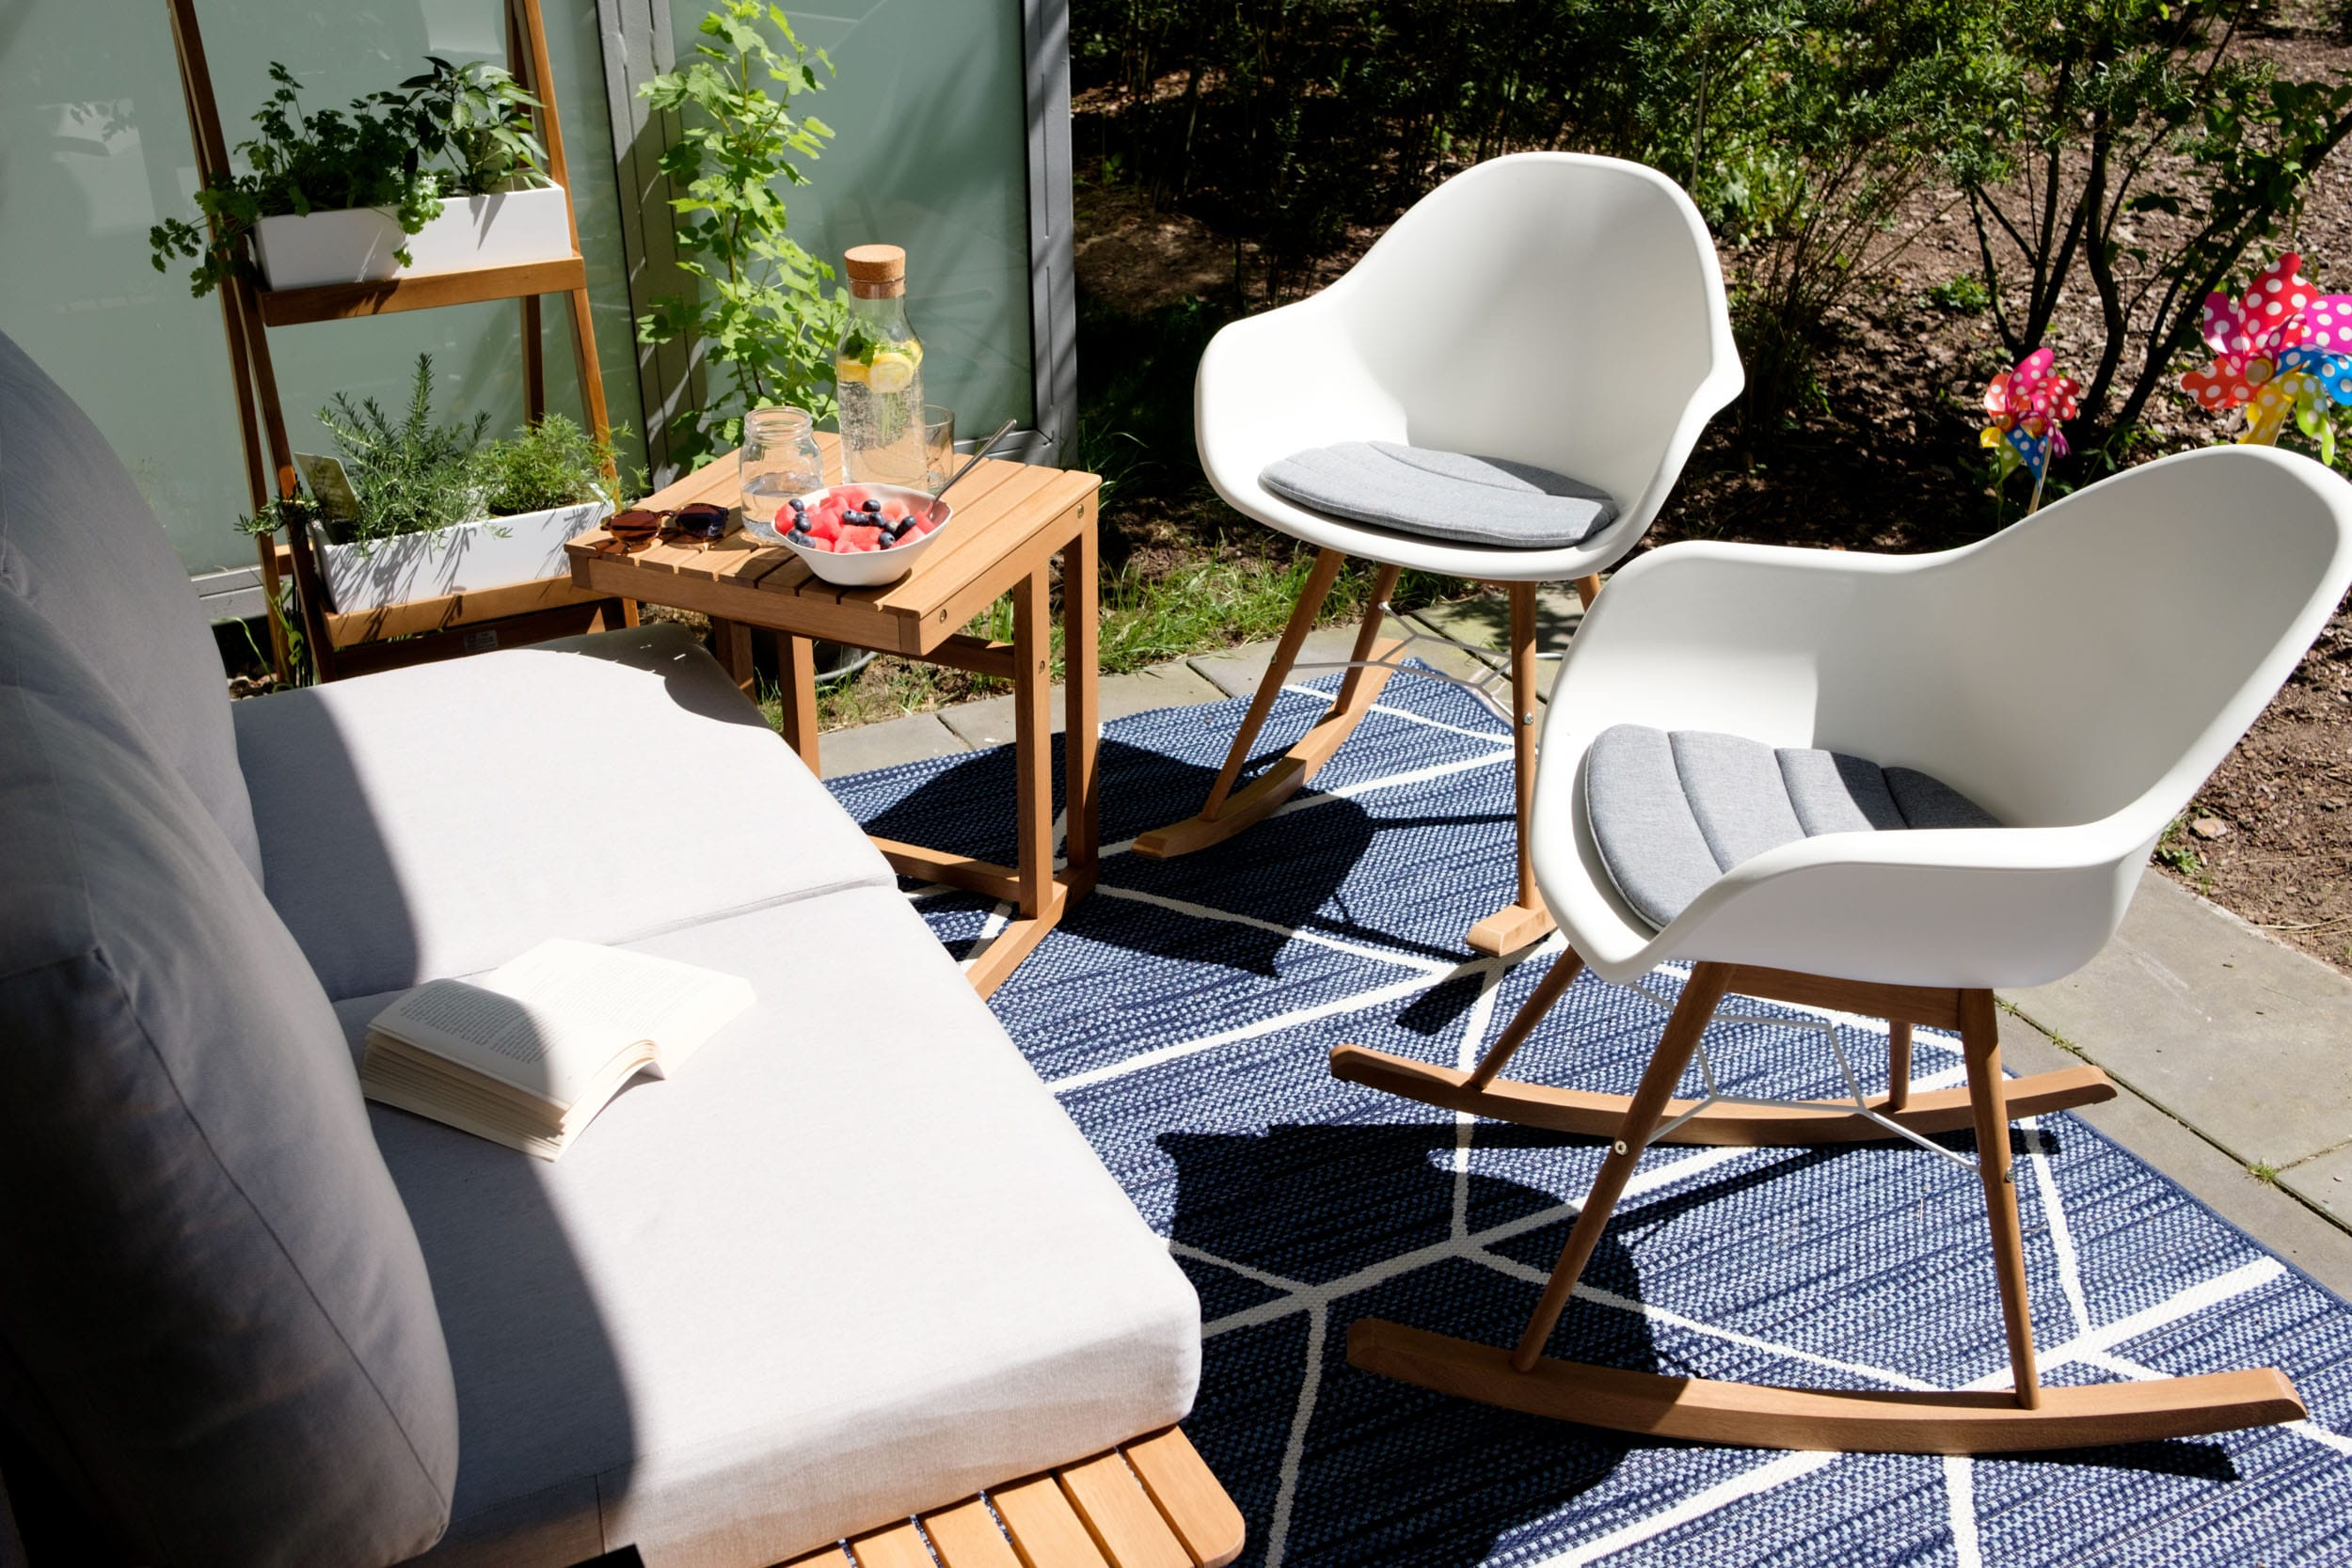 Full Size of Unser Zweites Wohnzimmer Im Grnen Mit Tchibo Terrassenupdate Wohnzimmer Gartensofa Tchibo